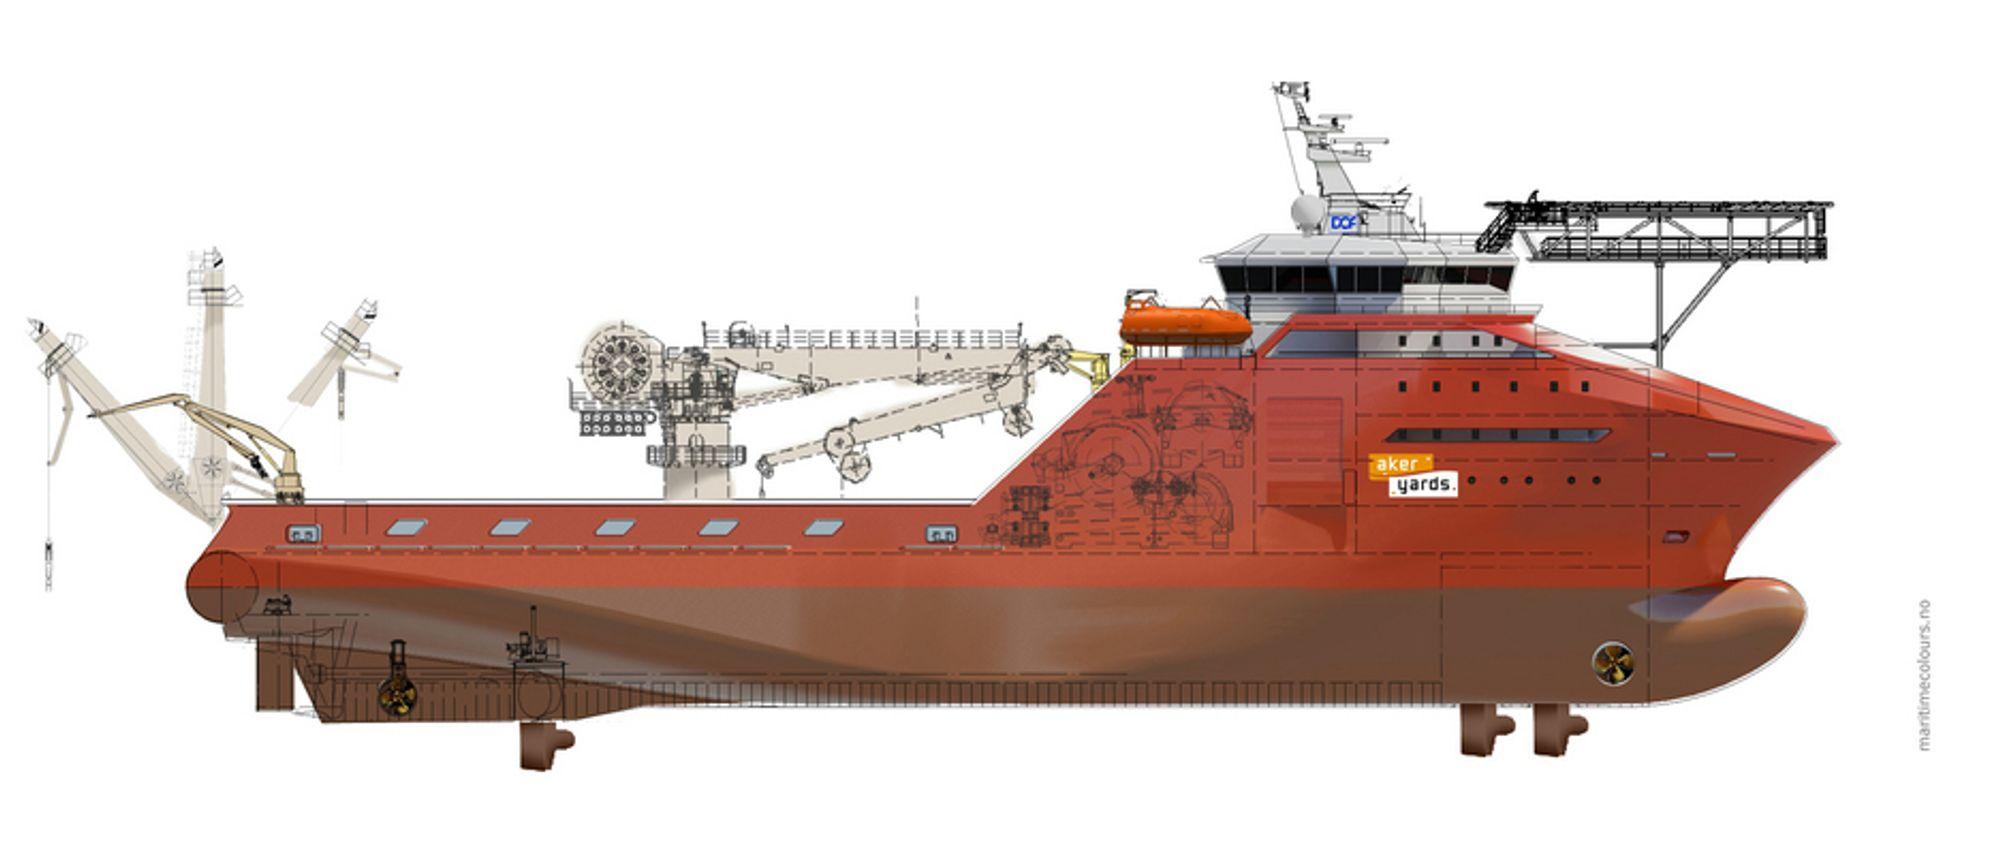 KRAFTIG RUGG: StatoilHydro har chartret inn DOFs avanserte ankerhåndteringsfartøy  fra første kvartal 2010. Skipet bygges av Aker Yards Aukra og overleveres ved årsskifte 2009-10.